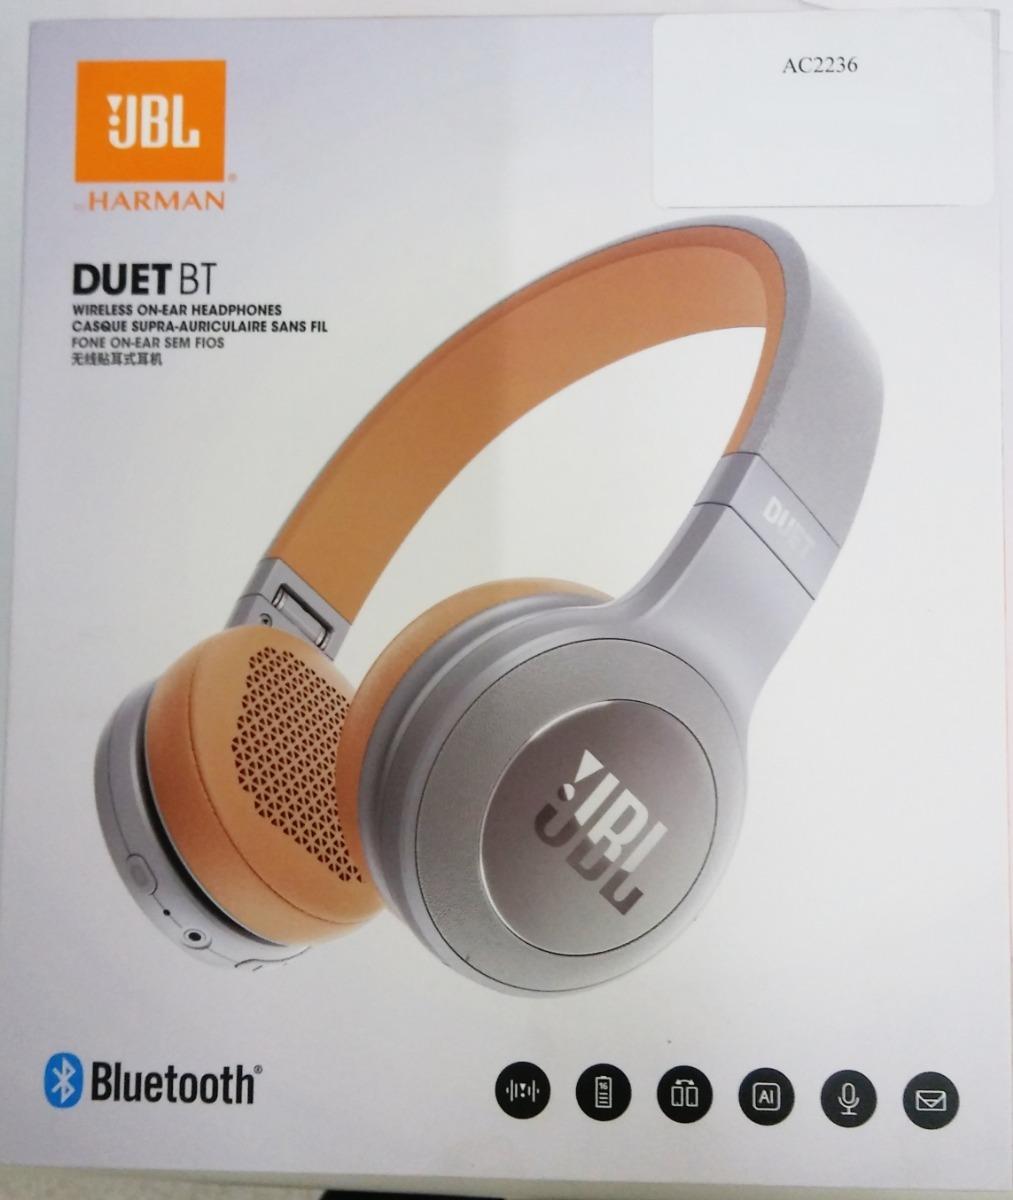 ff6d43e13 fone de ouvido headphone jbl duet bt- bluetooth - prata. Carregando zoom.